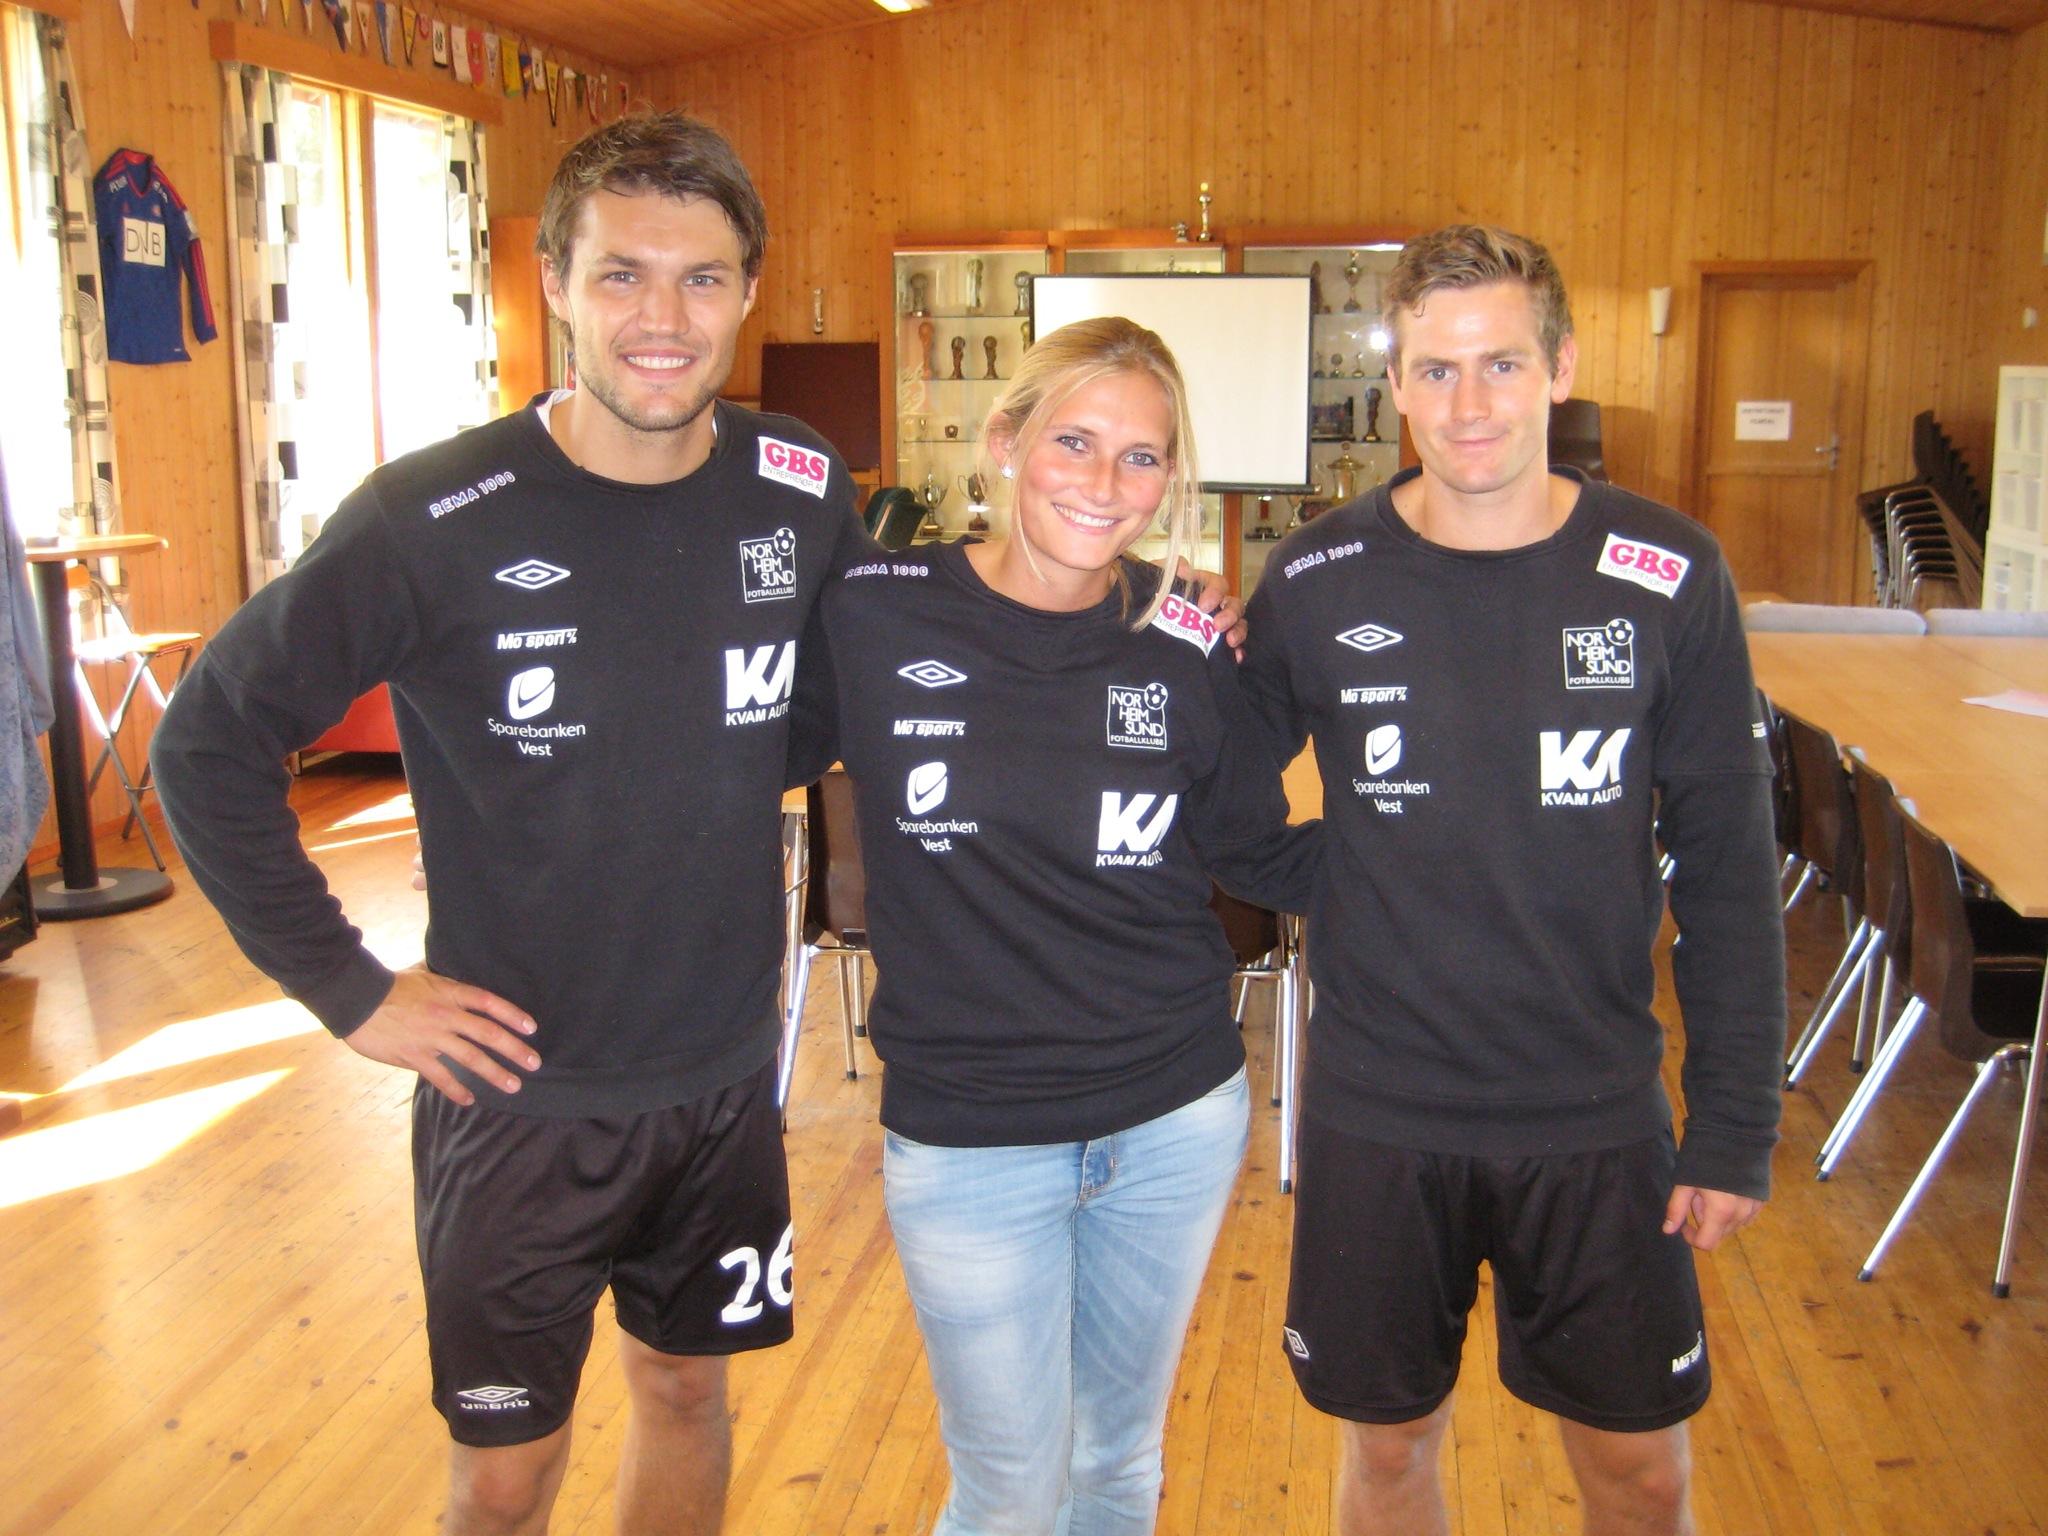 Instruktørane Eivind Madsen (til høgre) og Christian Kjosås, og medarbeidar Kirsten van Dijken